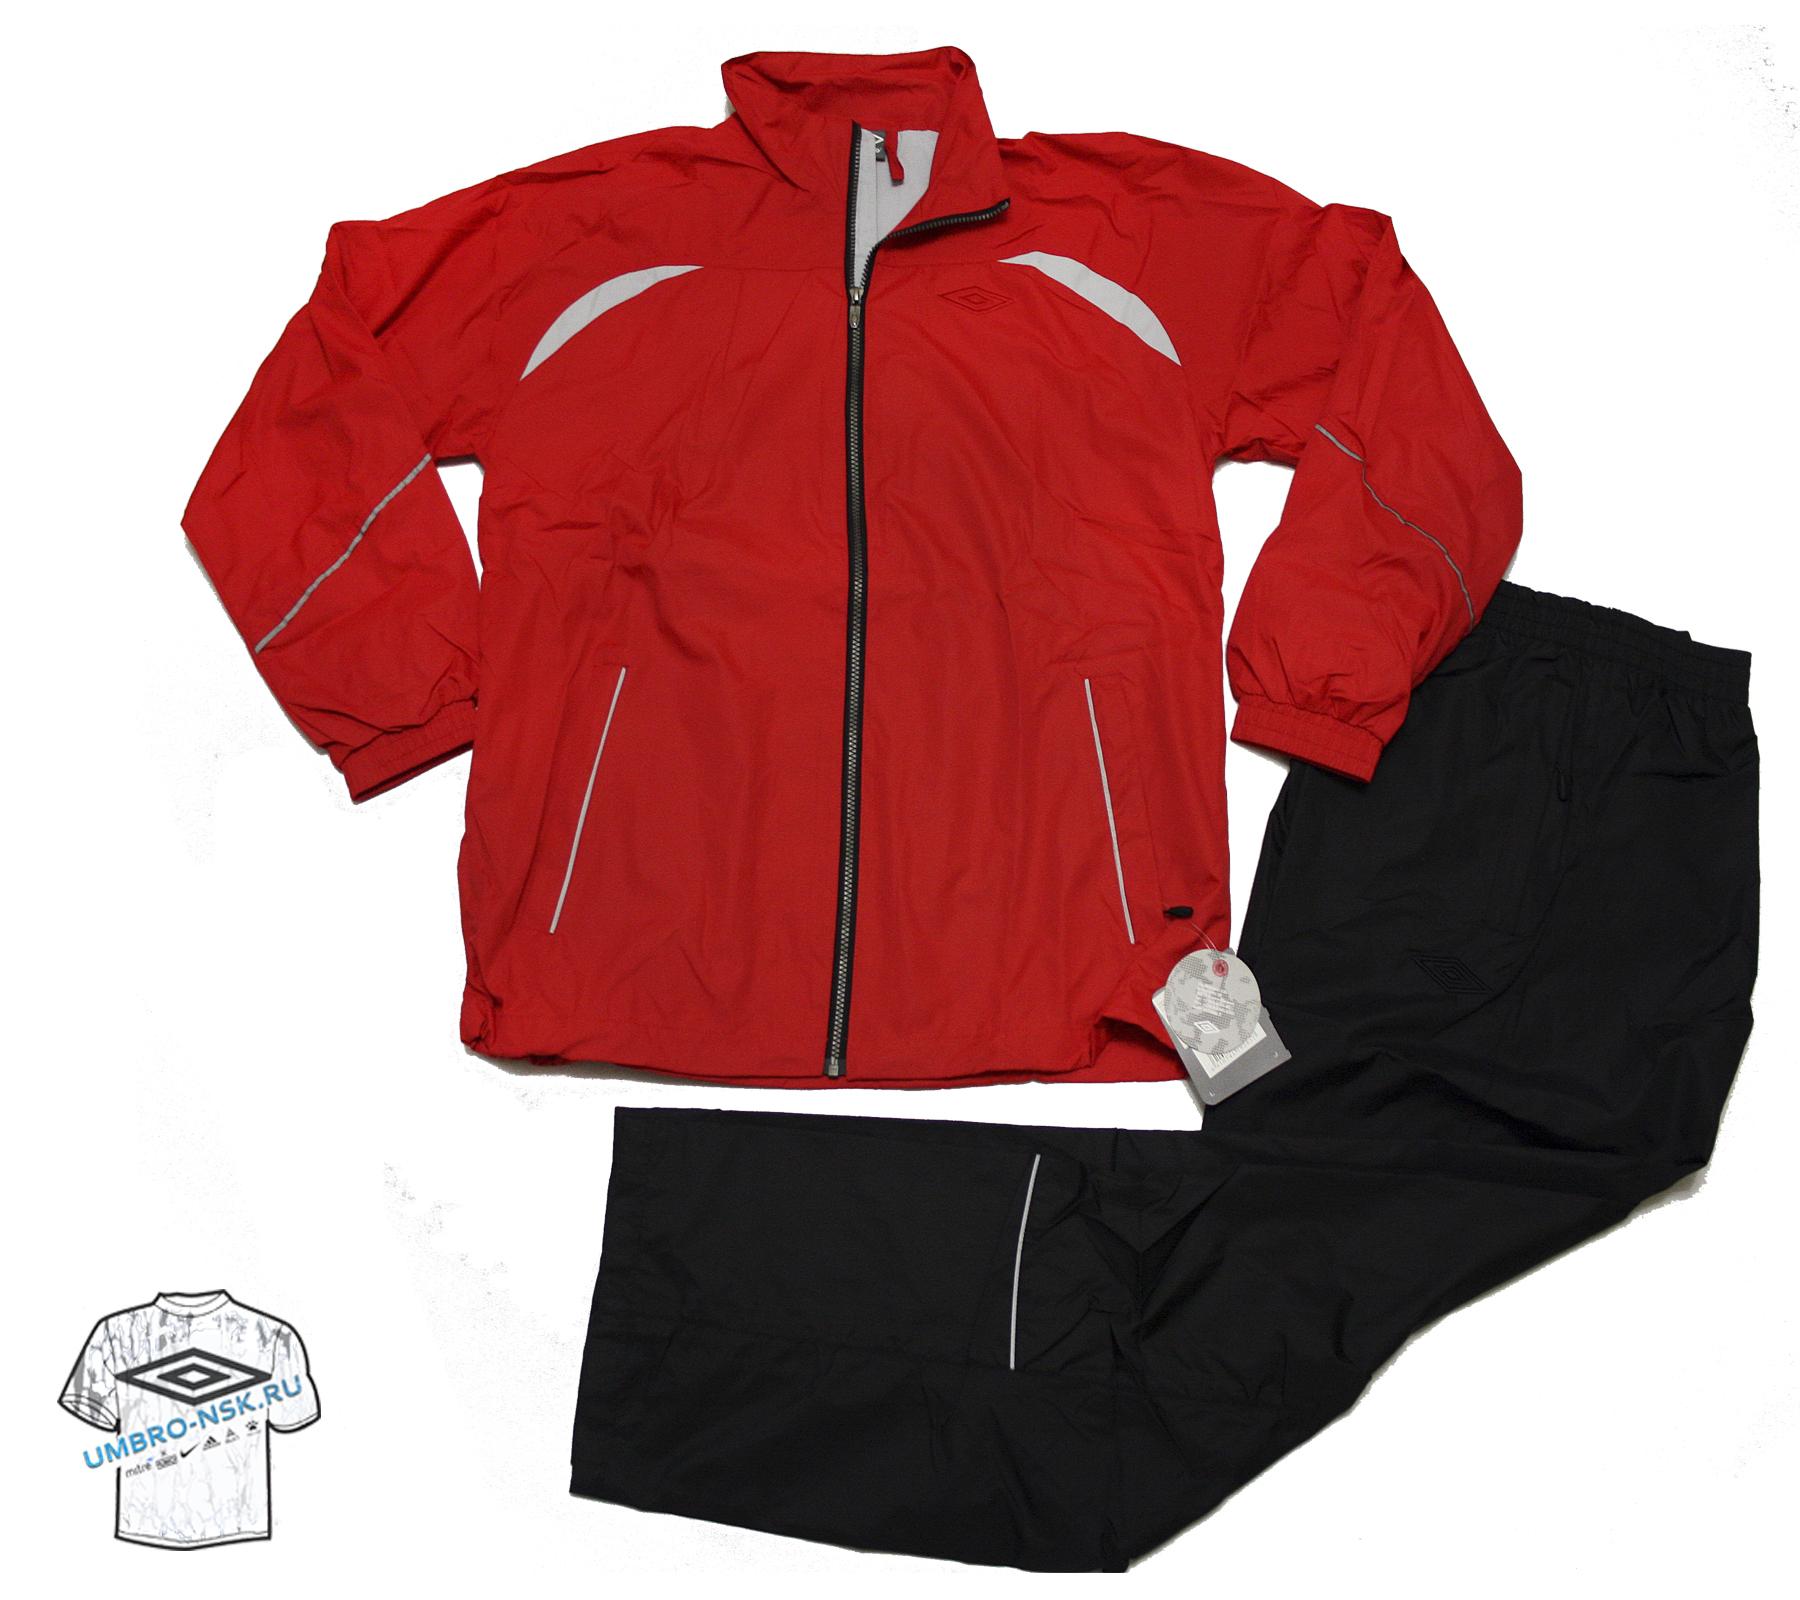 Красный спортивный костюм Umbro Wilson Lined Suit 102500-034